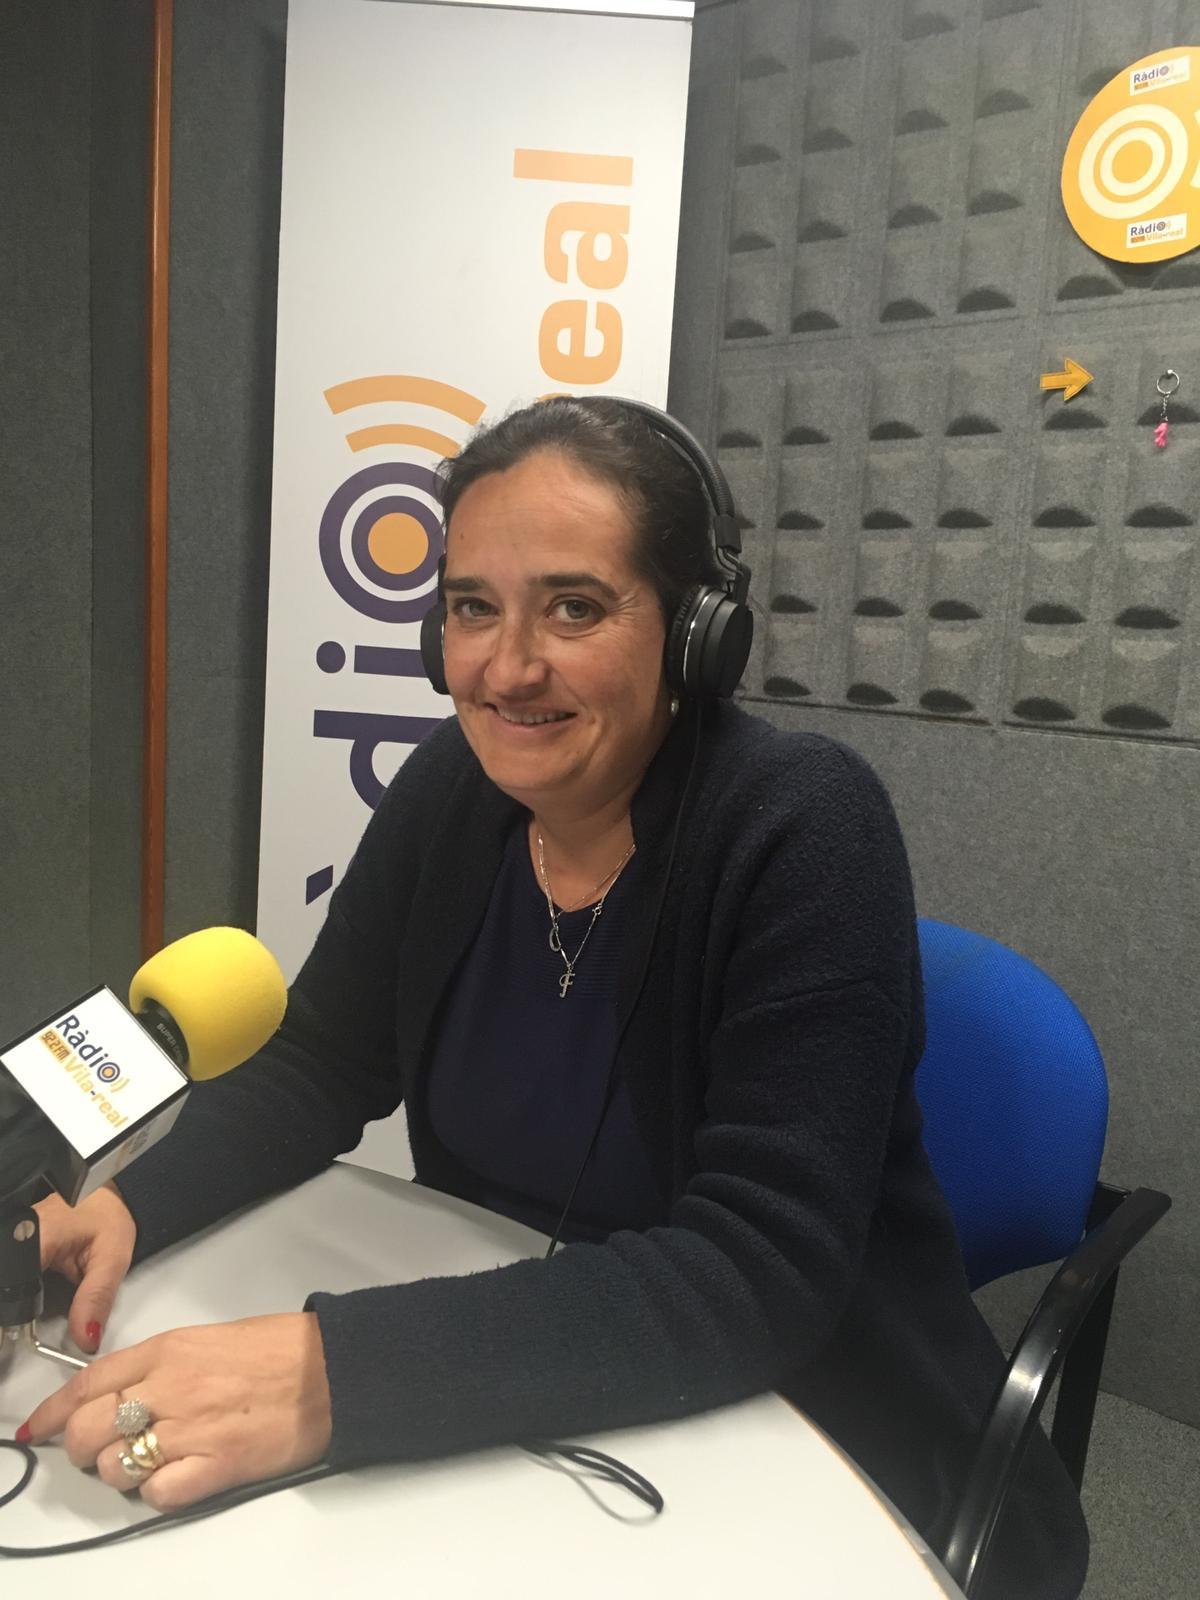 Bienvenida, Irene Herrero.